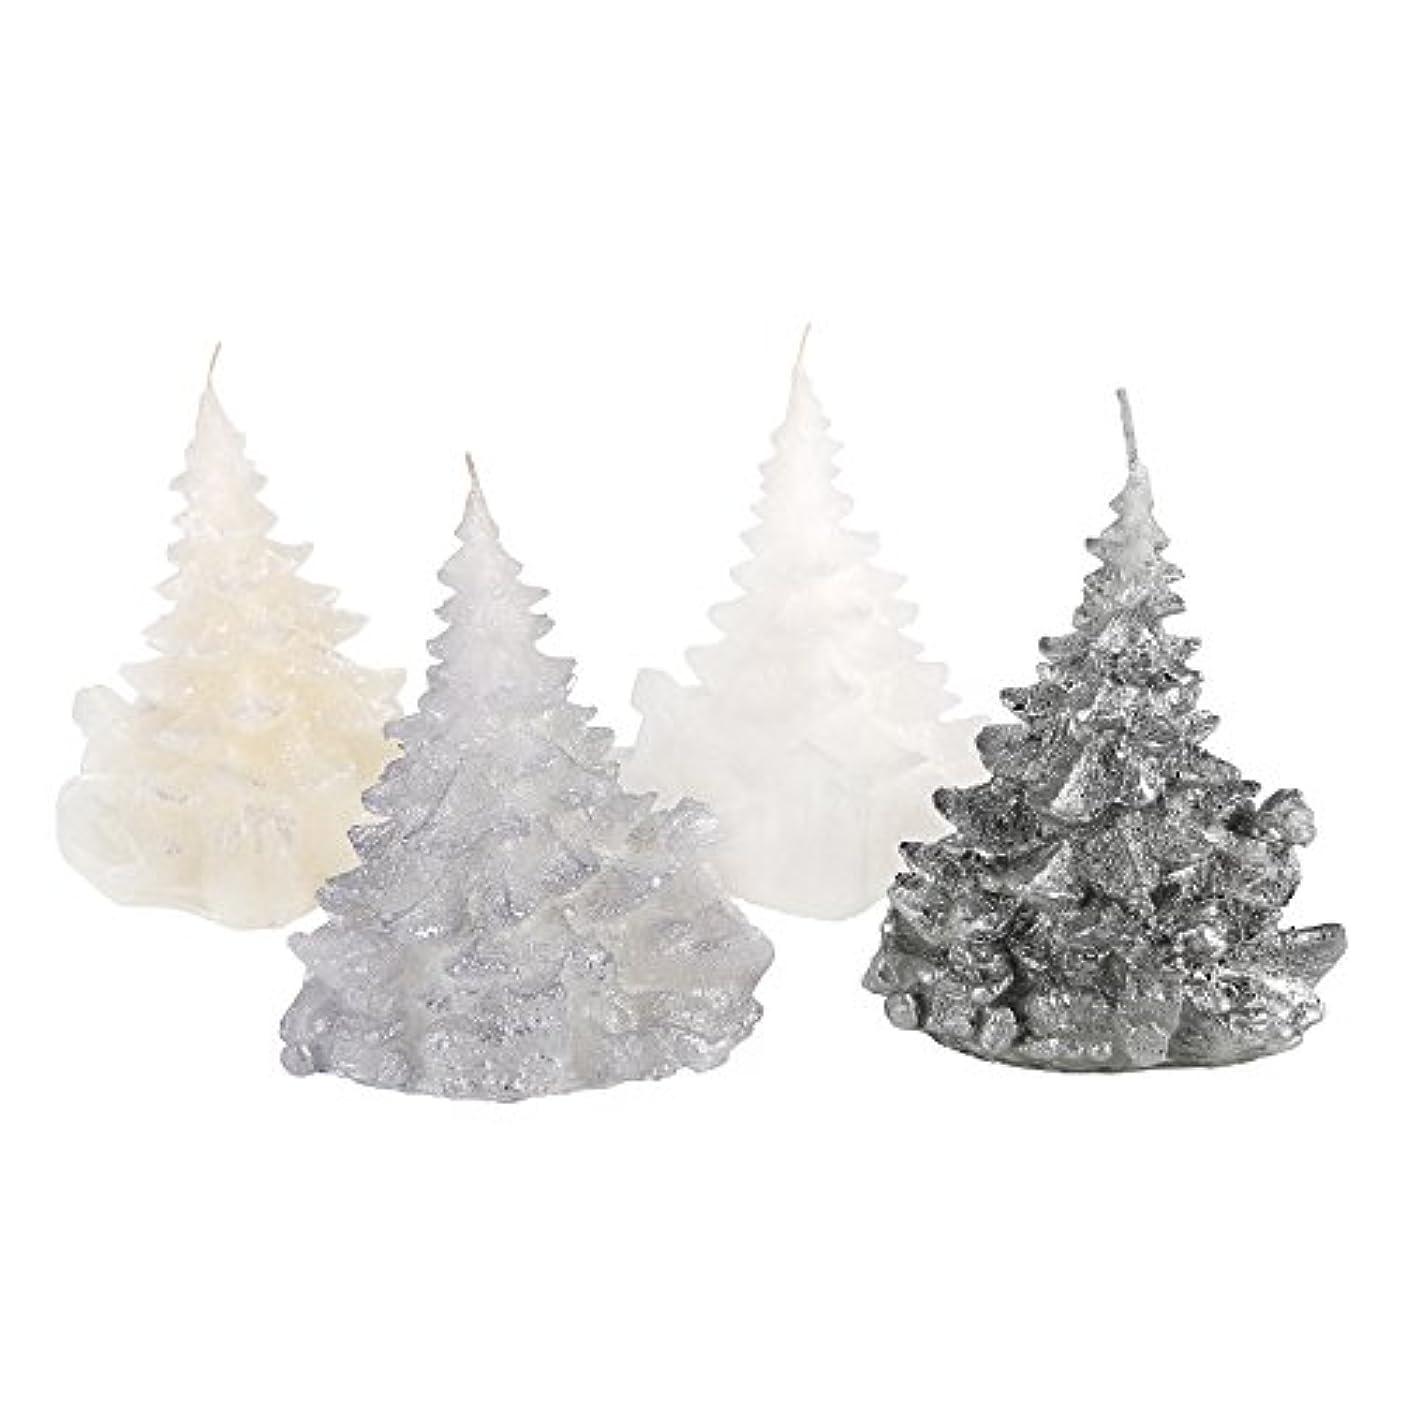 干し草特異な評価するCandle Atelierハンドメイド休日キャンドル Merry Christmas Trees 4F1-CTP1VTW-0SP